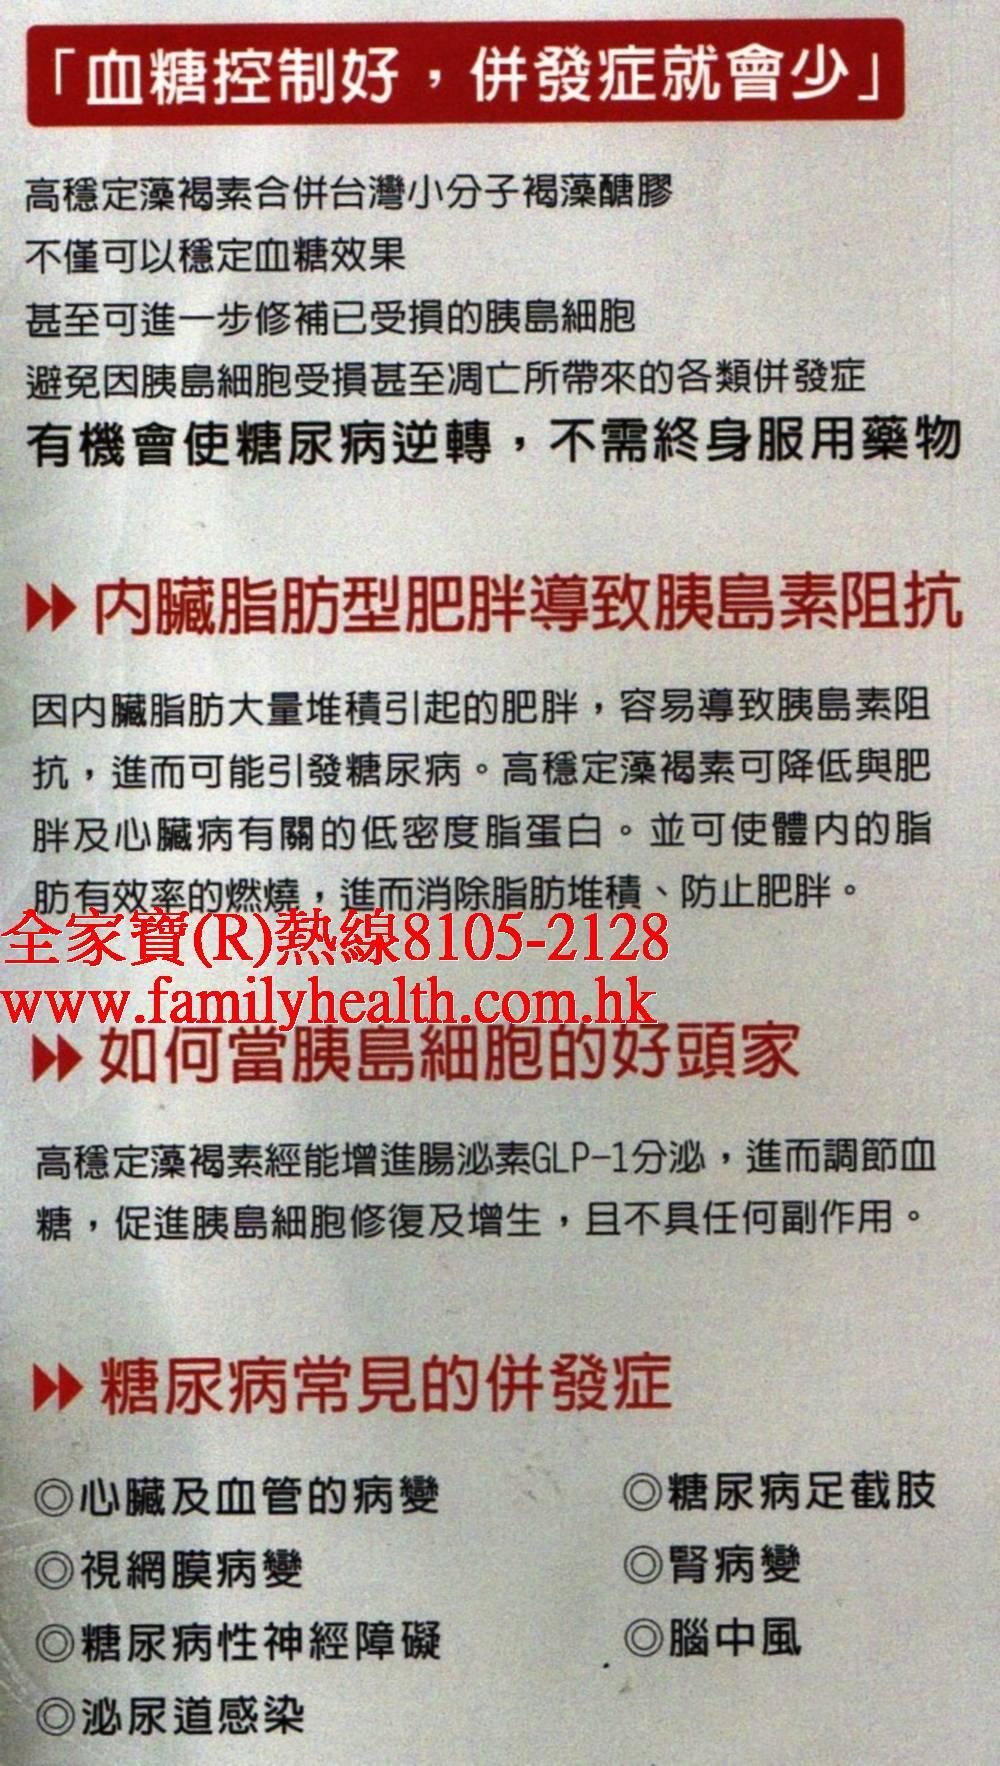 http://www.familyhealth.com.hk/files/full/993_1.jpg